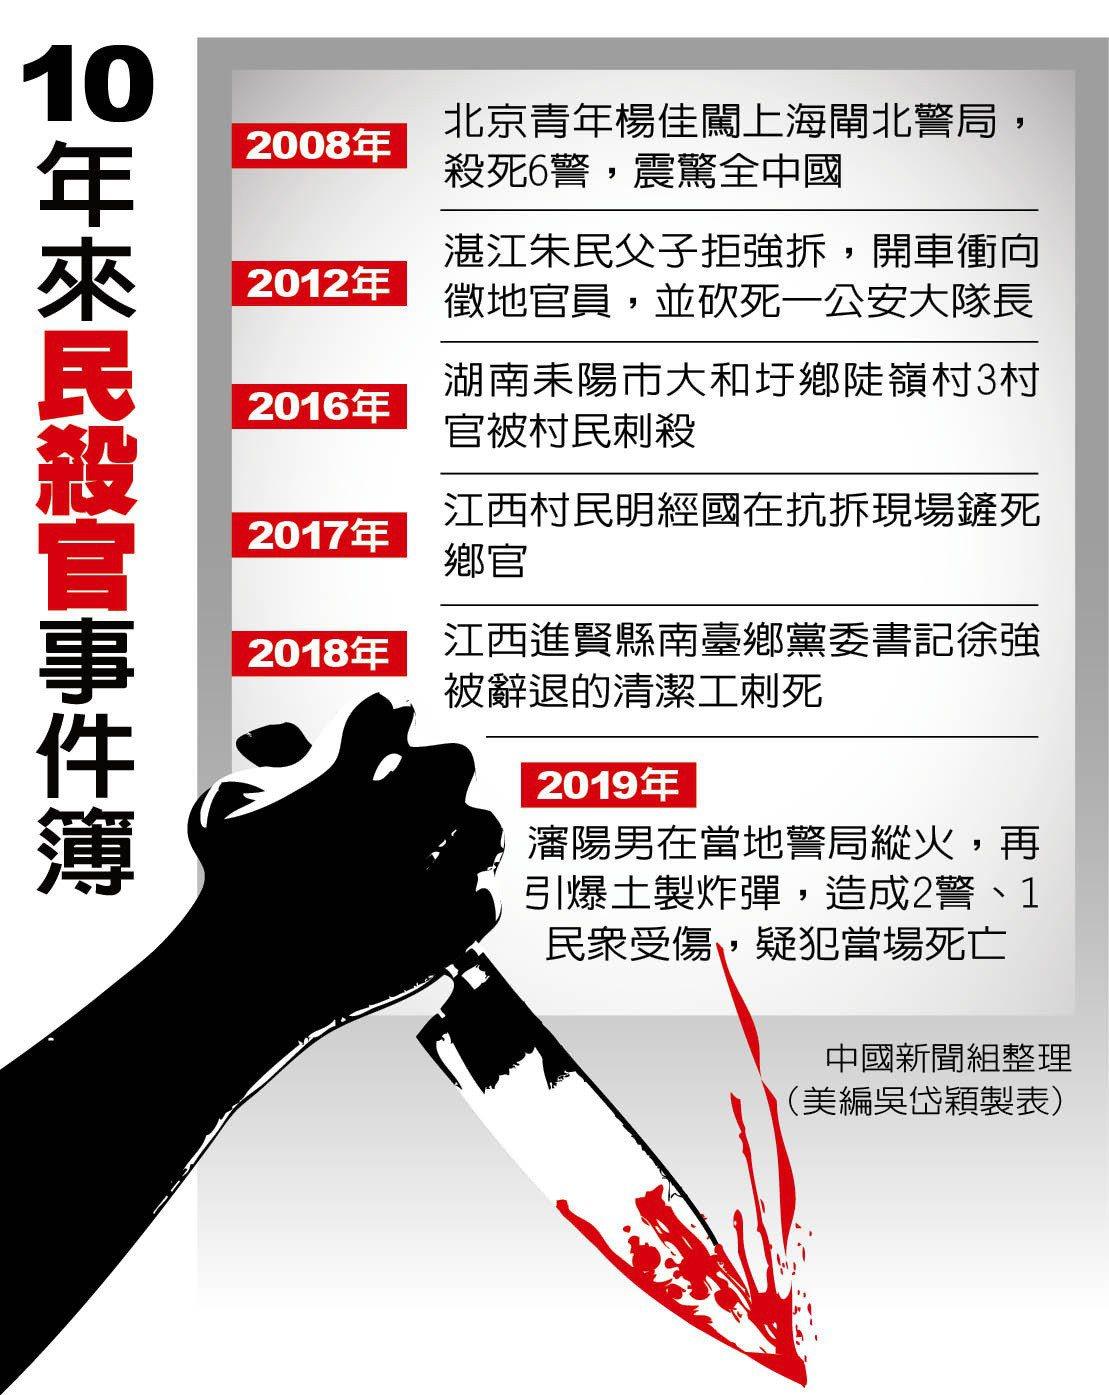 中國新聞組整理,美編吳岱穎製表